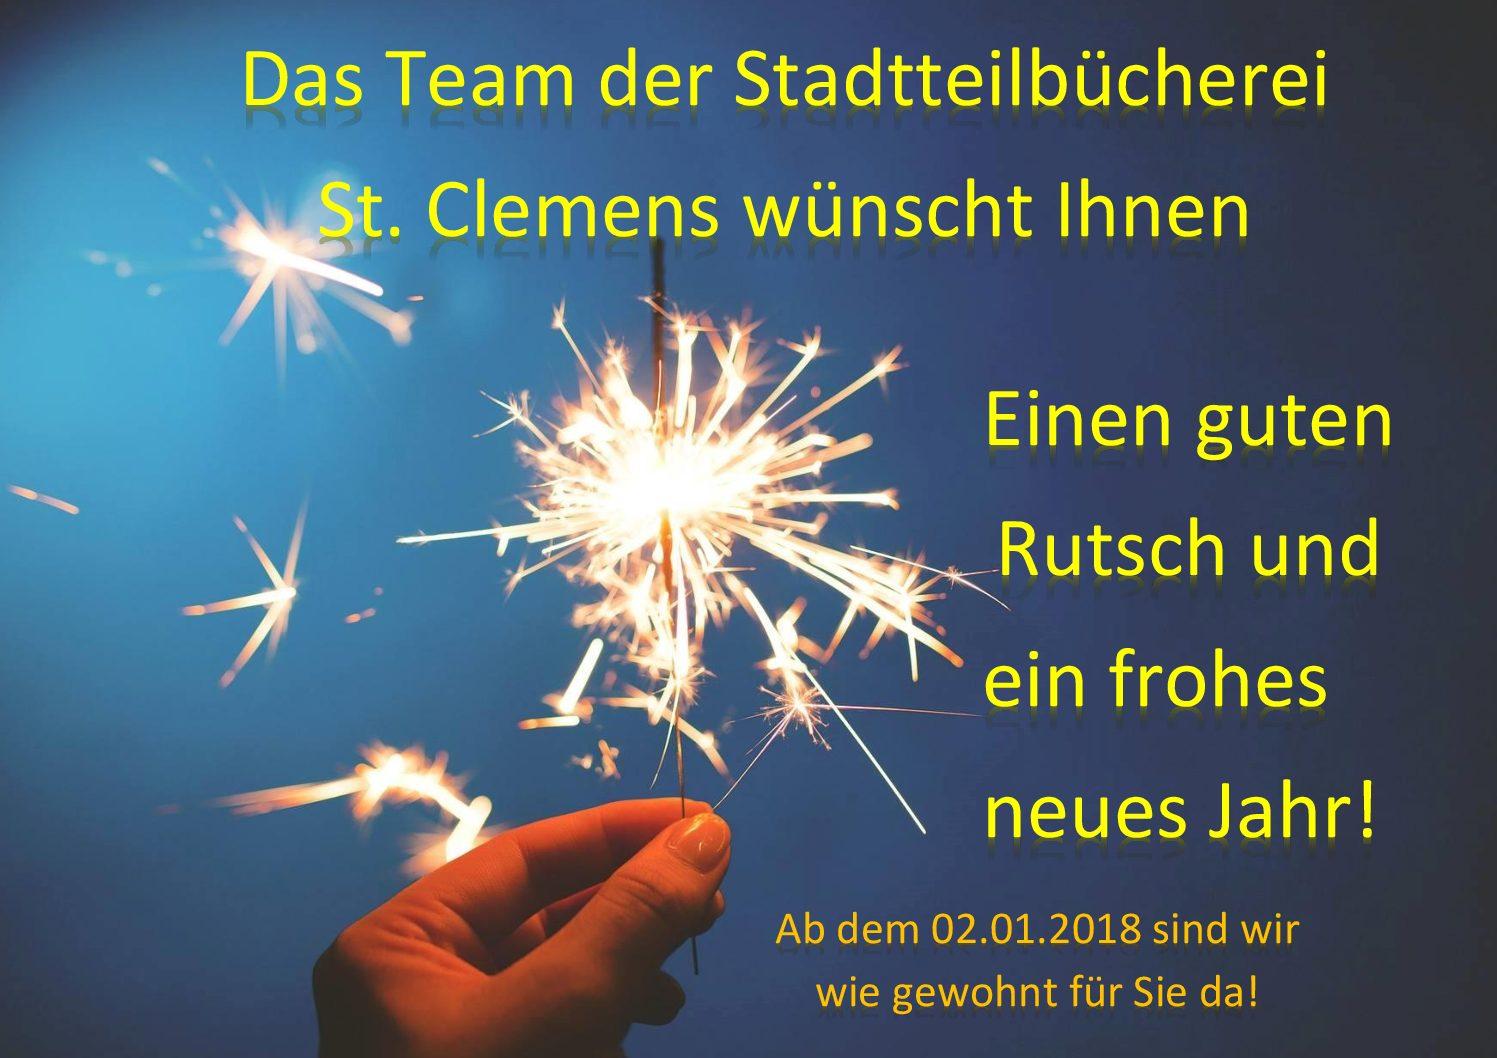 Wir wünschen einen guten Rutsch und frohes neues Jahr ...